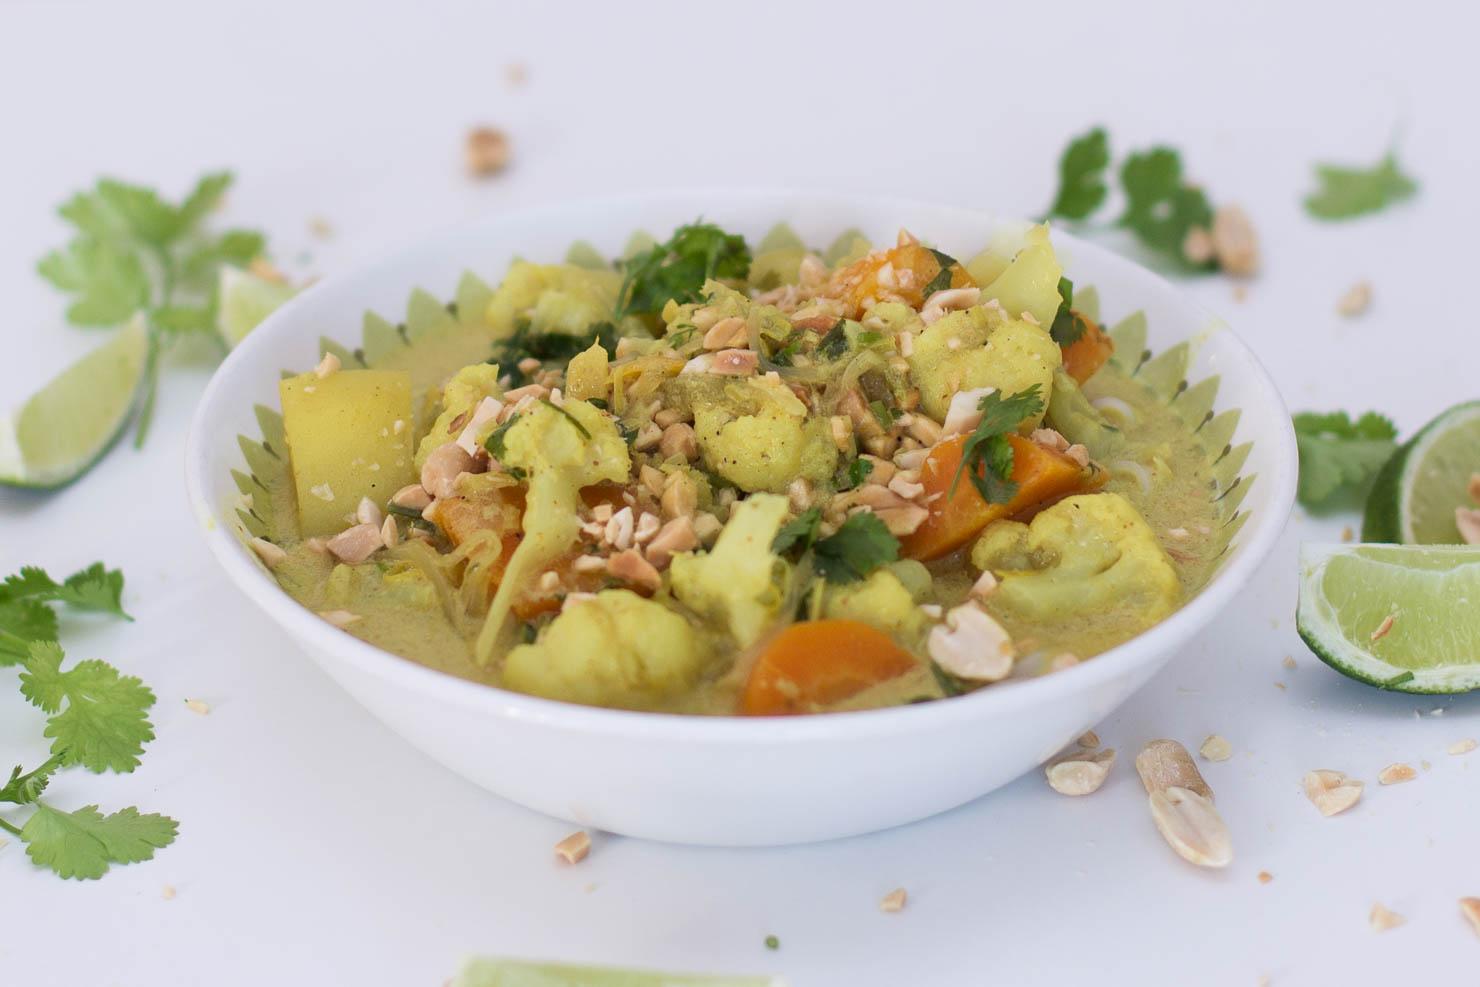 Kremet karrisuppe med gronnsaker og risnudler